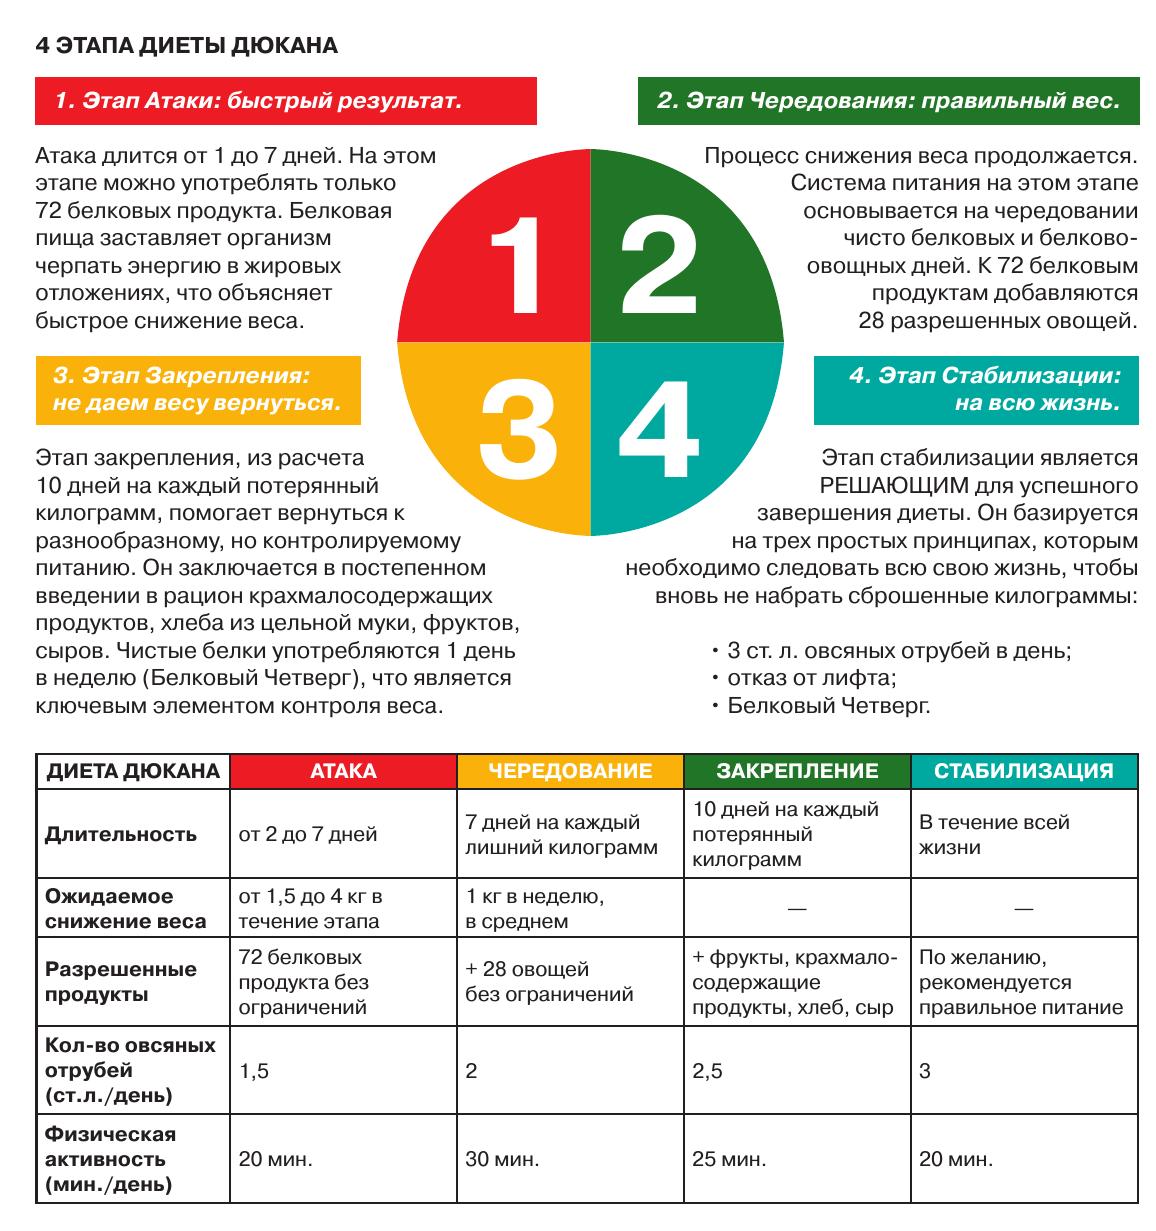 ŞİÖ ve BRICS zirvelerinin düzenleneceği Rusya'nın Çelyabinsk kentinde, zararlı madde emisyonlarına kota uygulaması 45